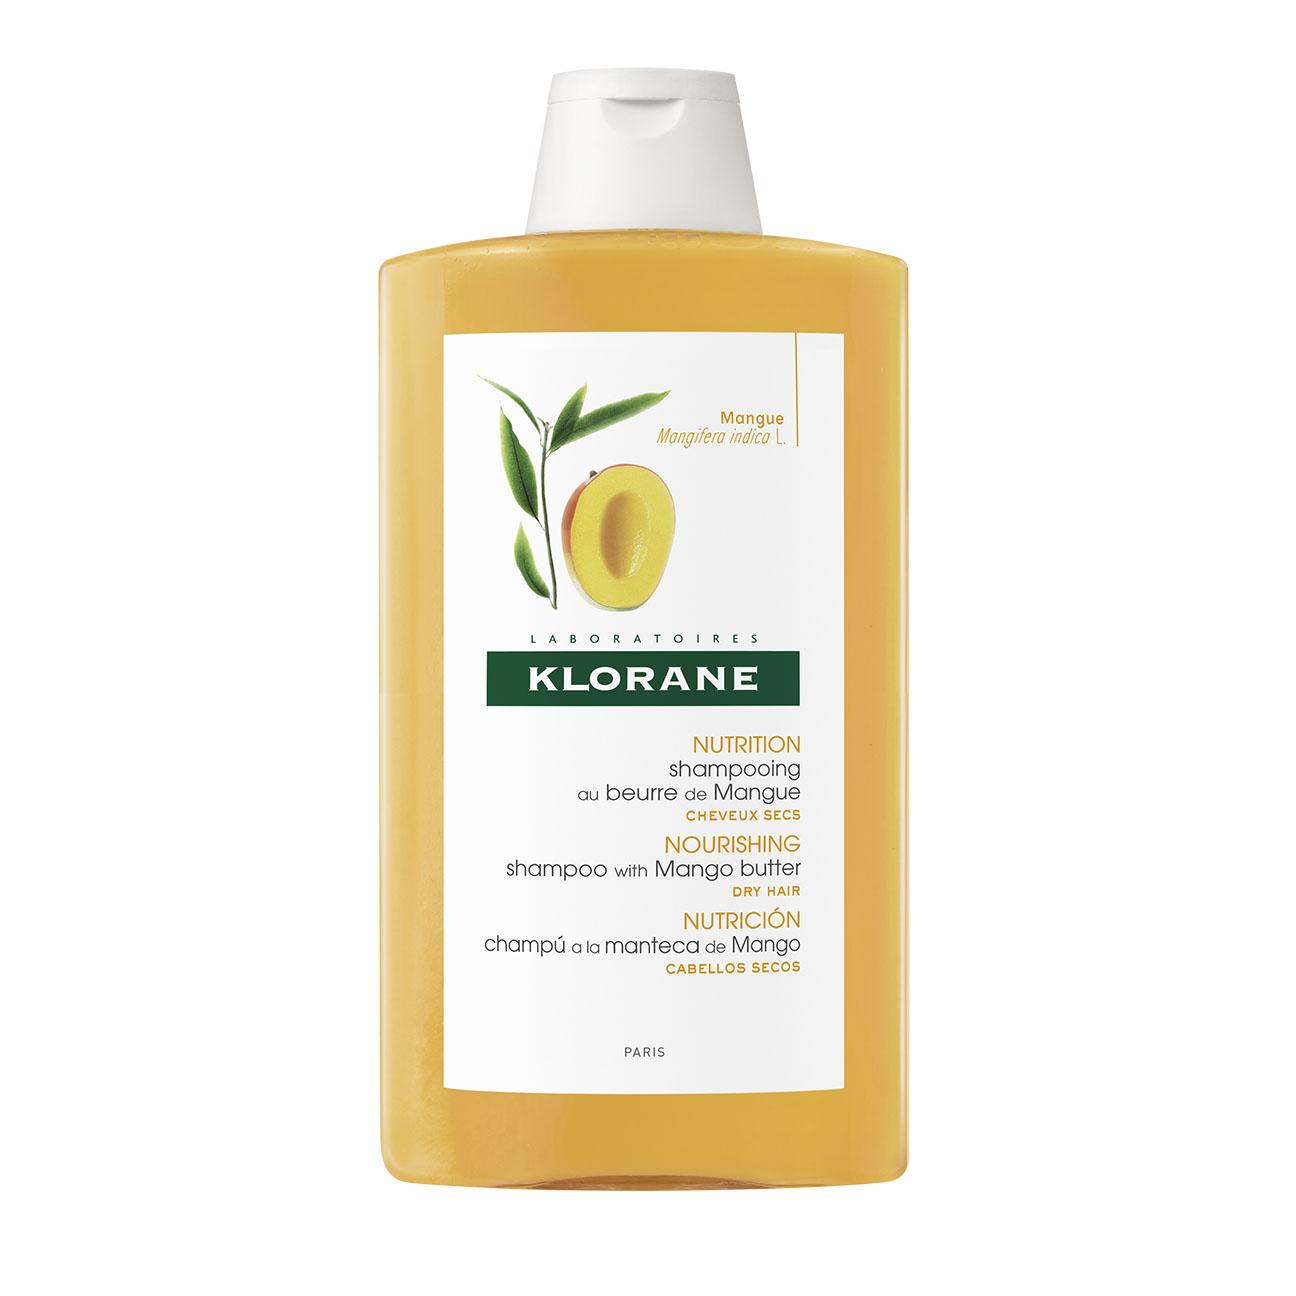 Купить Klorane Шампунь с маслом Манго для сухих, поврежденных волос 400мл (Klorane, Dry Hair), Франция